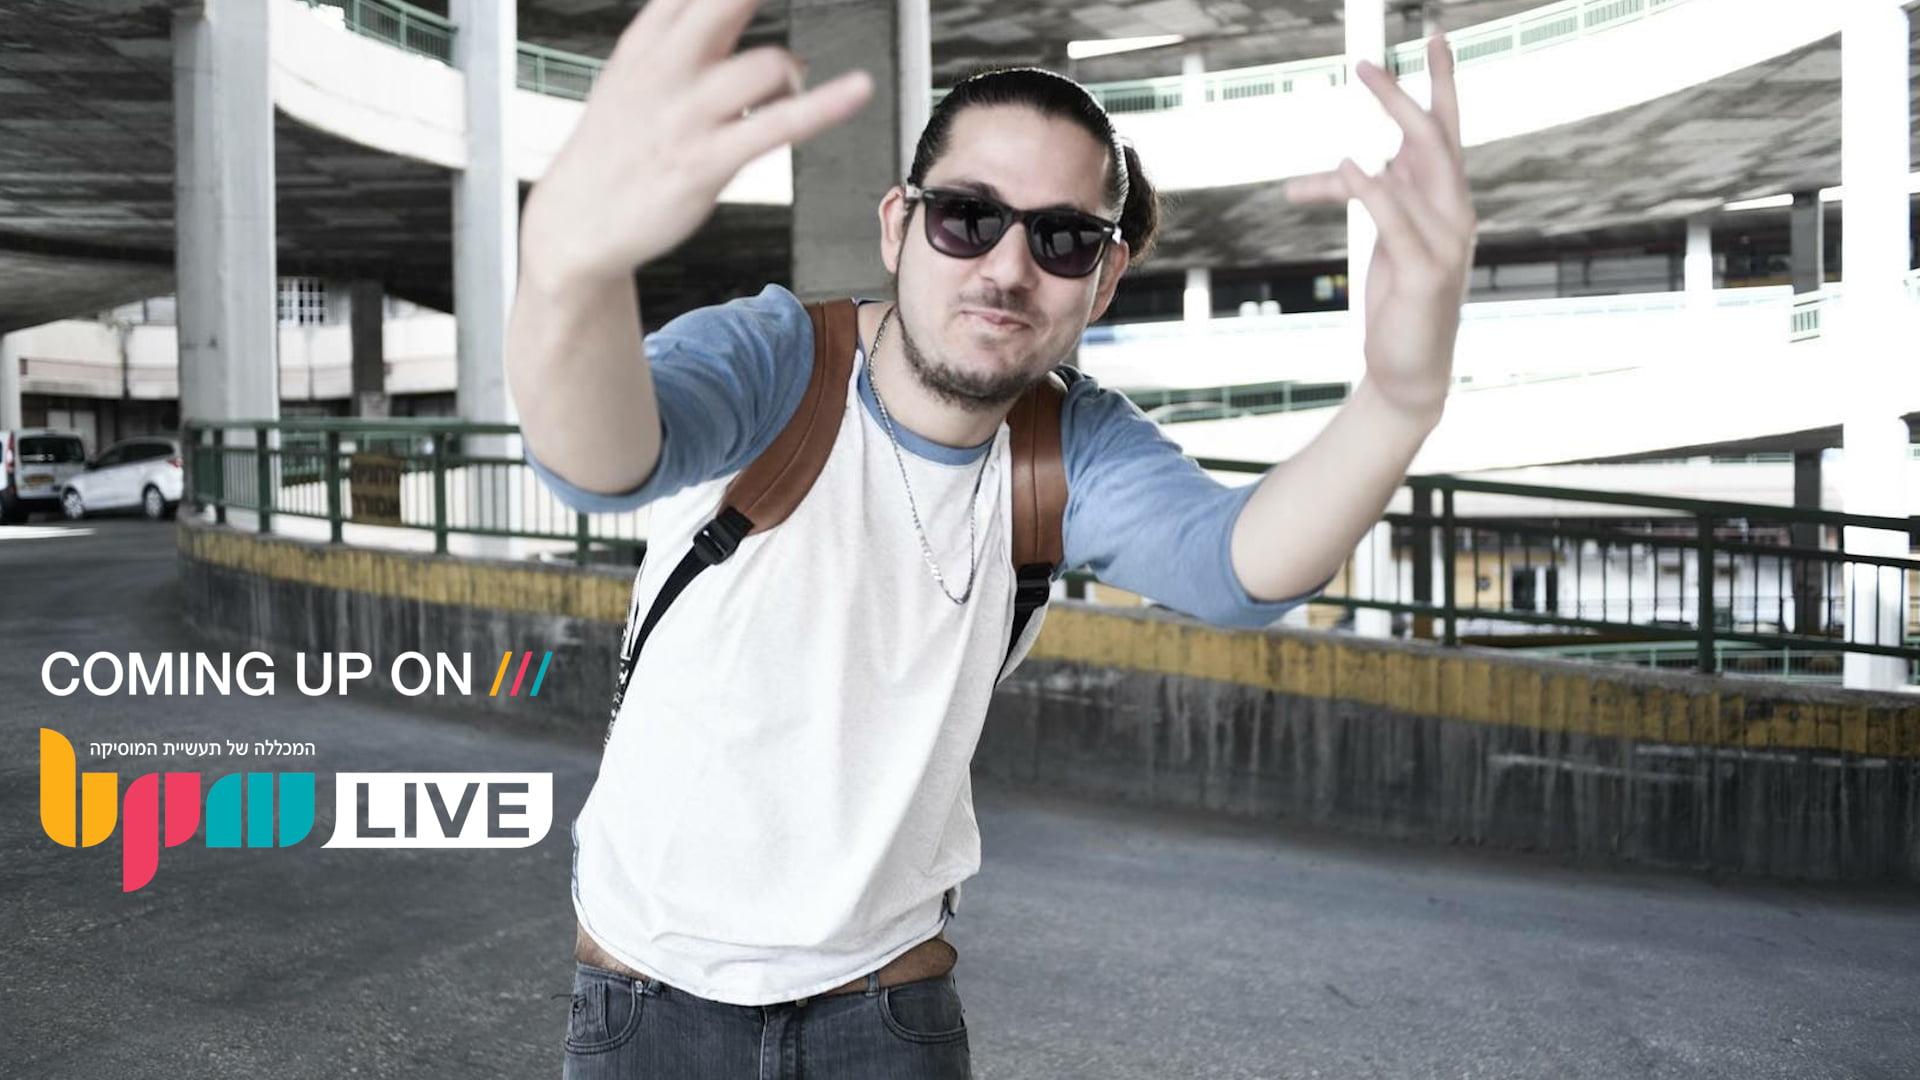 הצטרפו לשיעור ראפ והיפ-הופ LIVE עם אורטגה